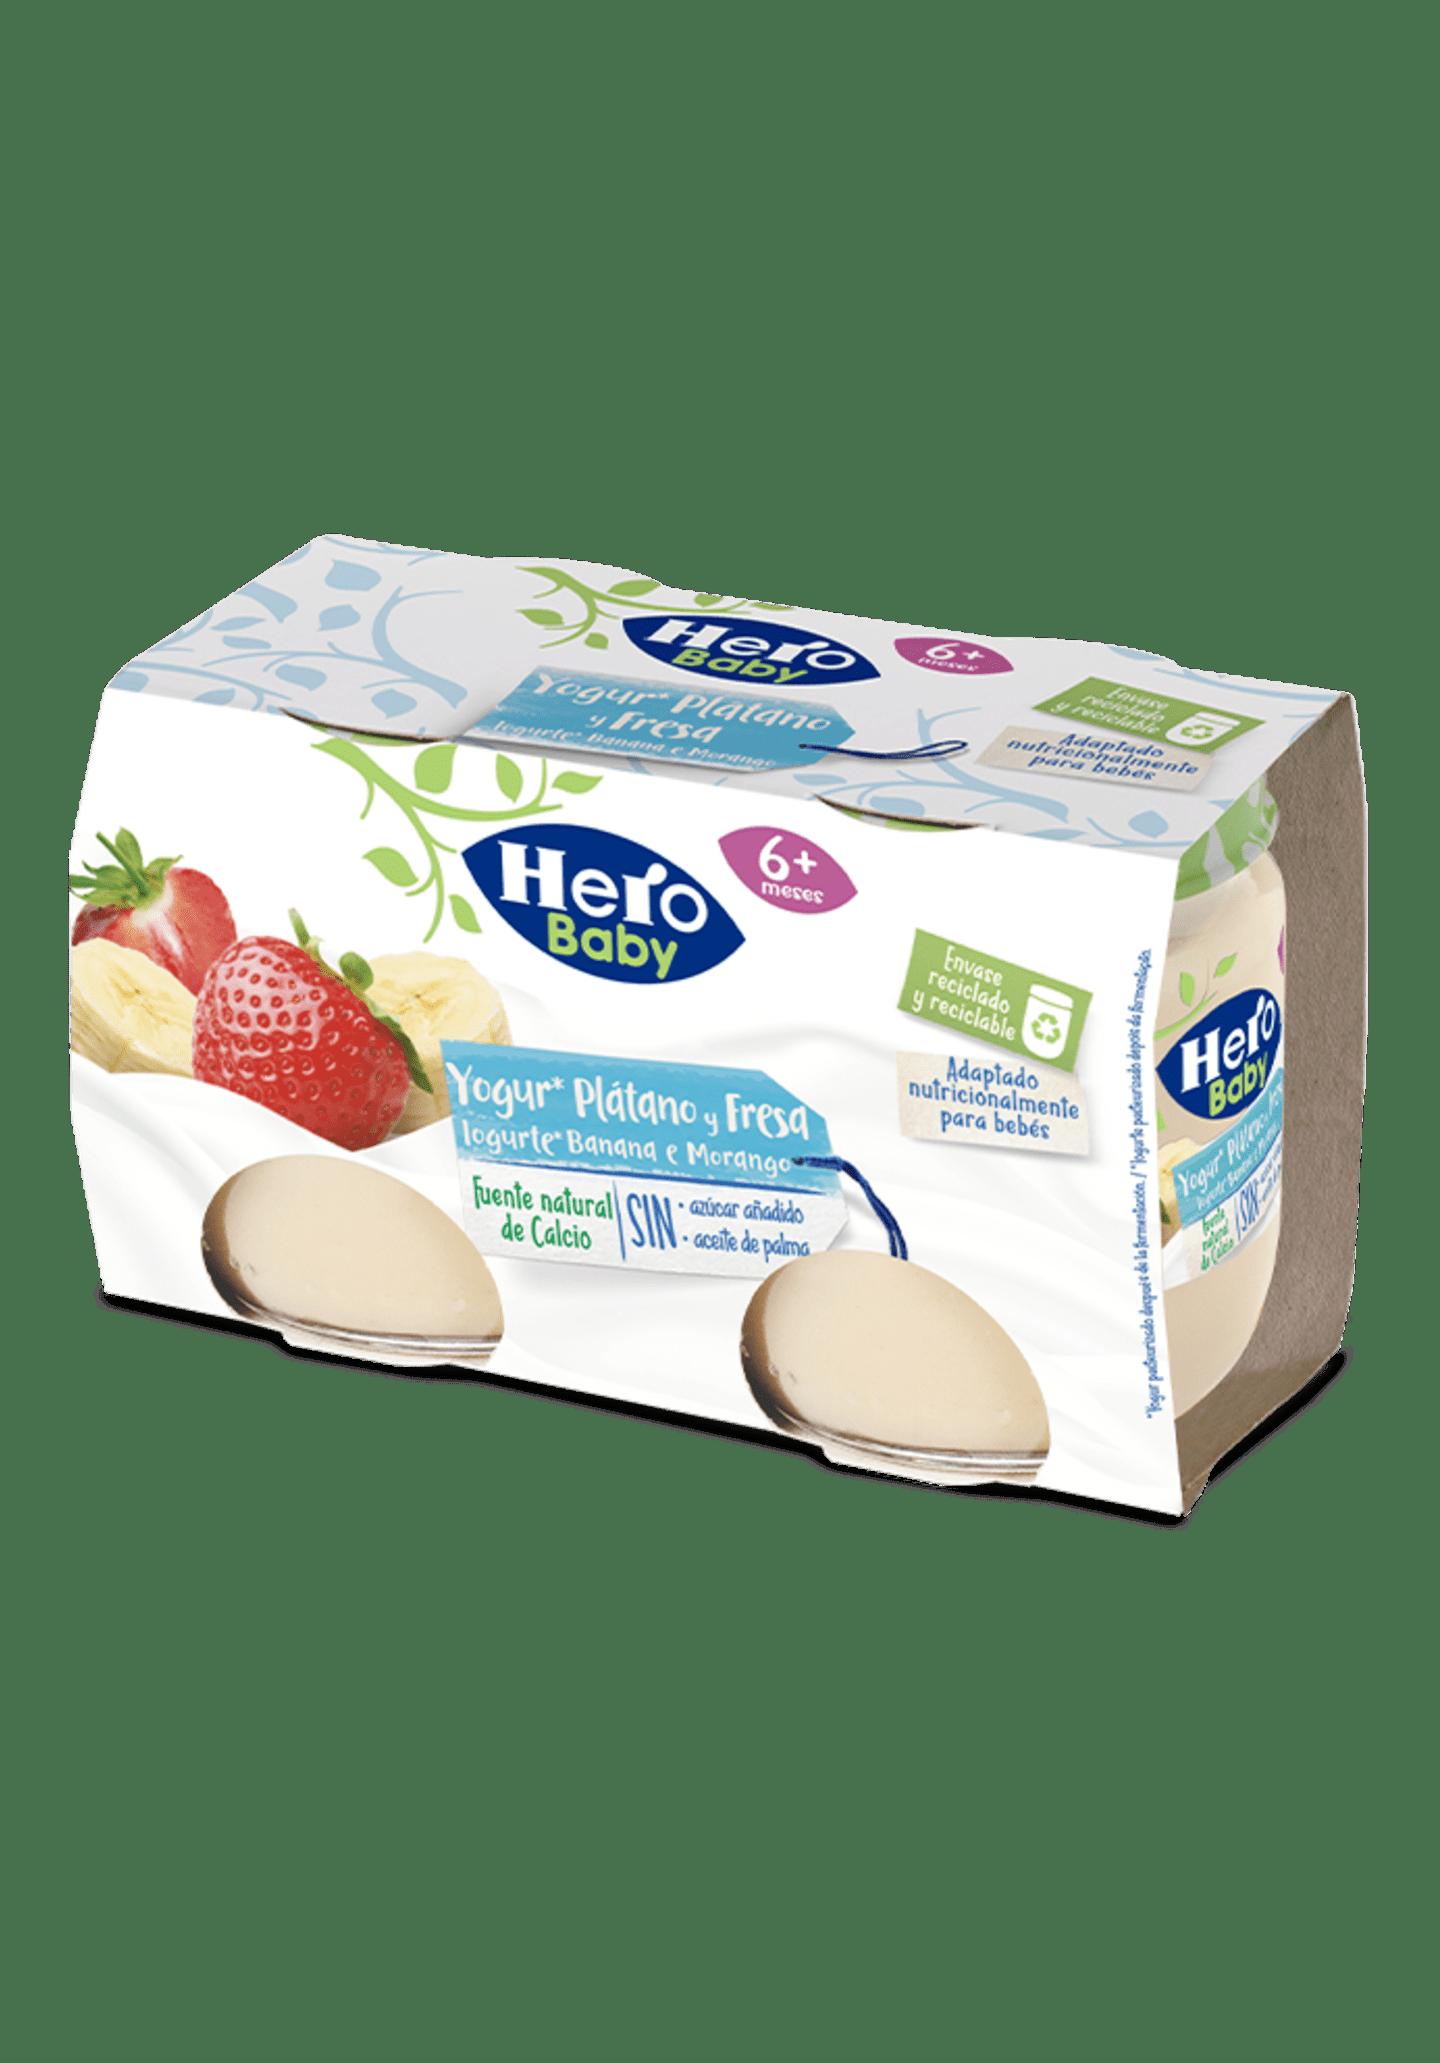 Yogur plátano y fresa Hero Baby